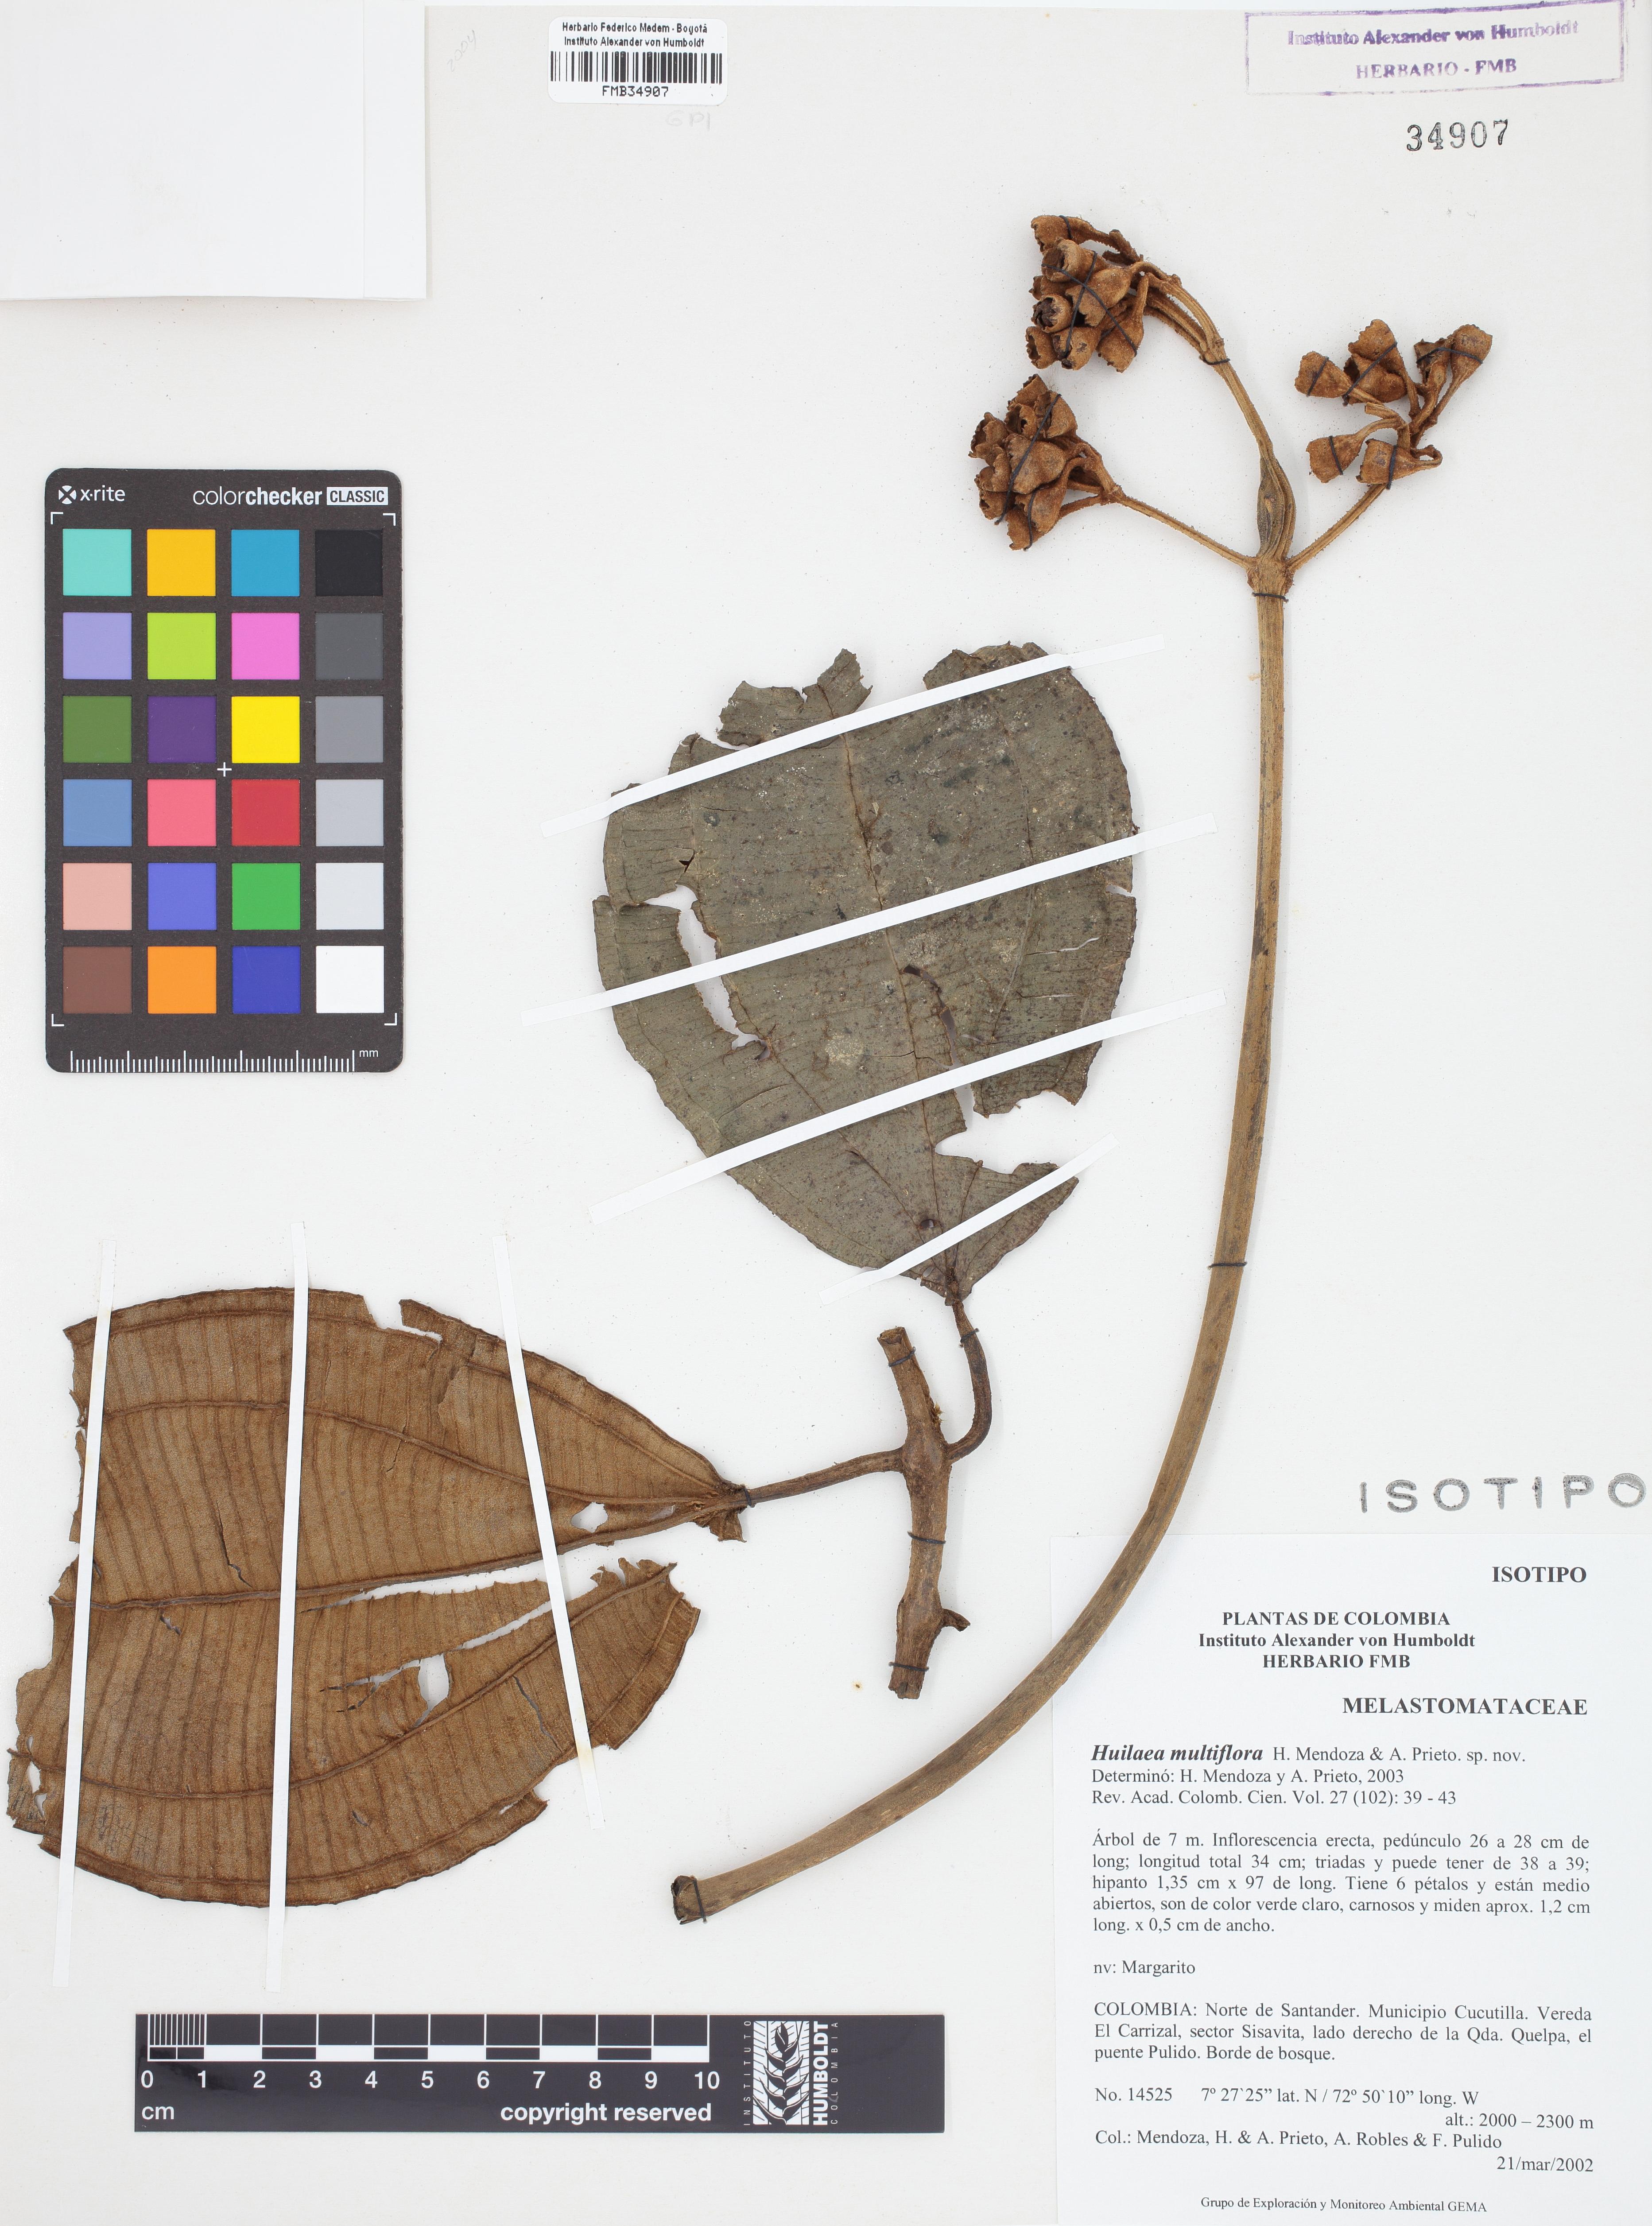 Isotipo de <em>Huilaea multiflora</em>, FMB-34907, Fotografía por Robles A.